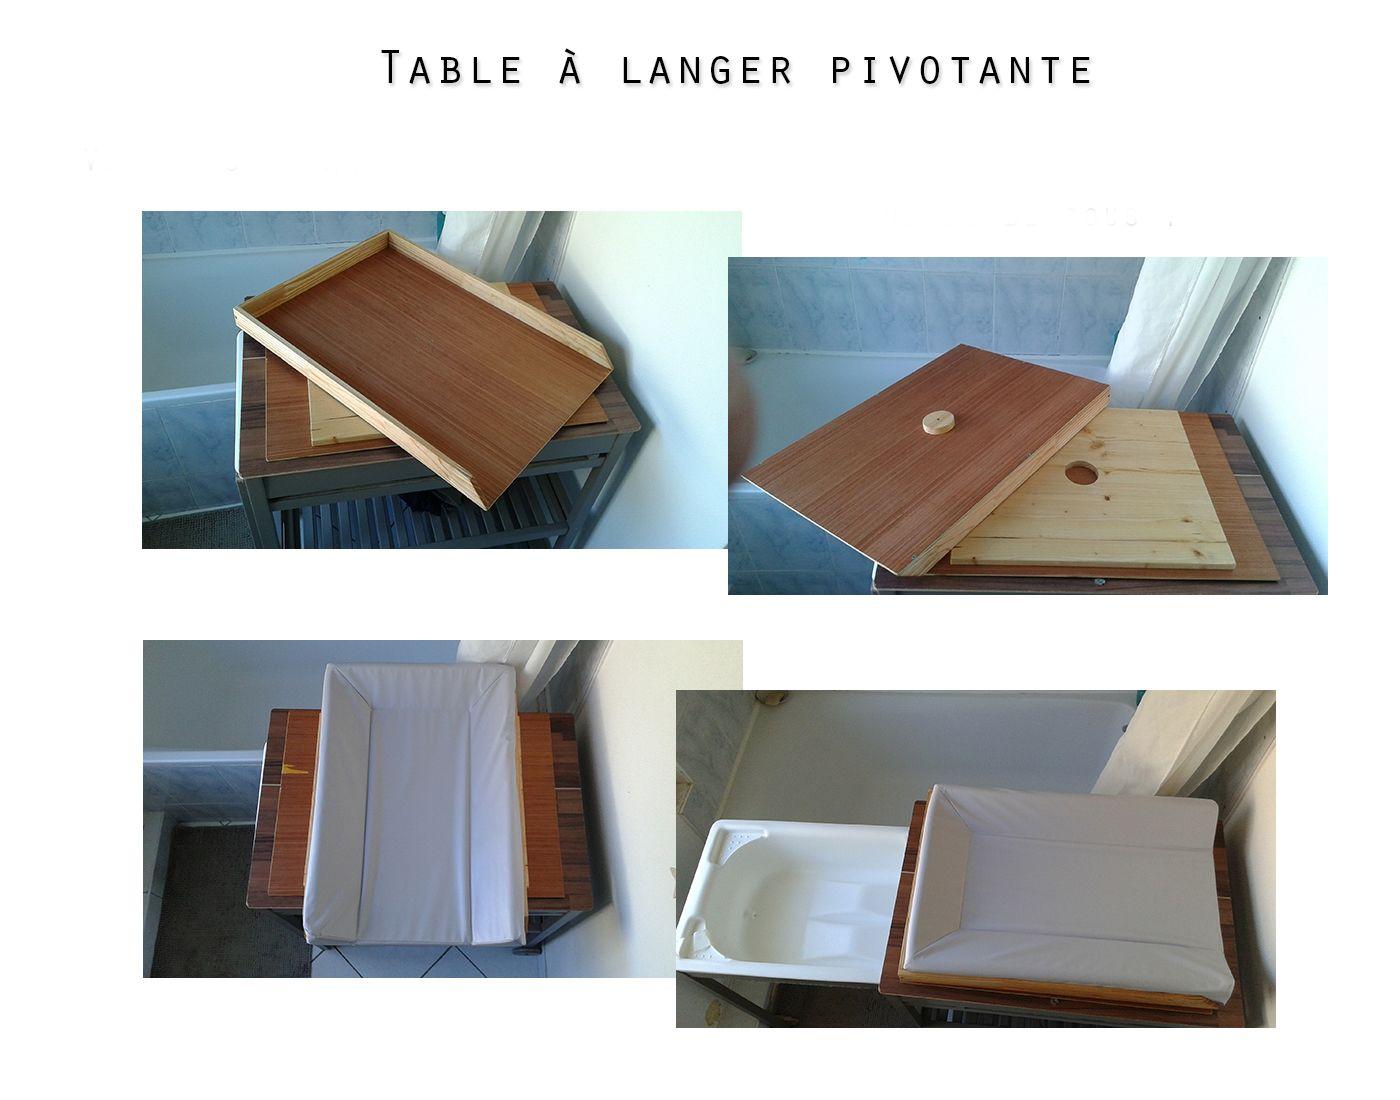 Table à langer pivotante, afin de faciliter le déplacement